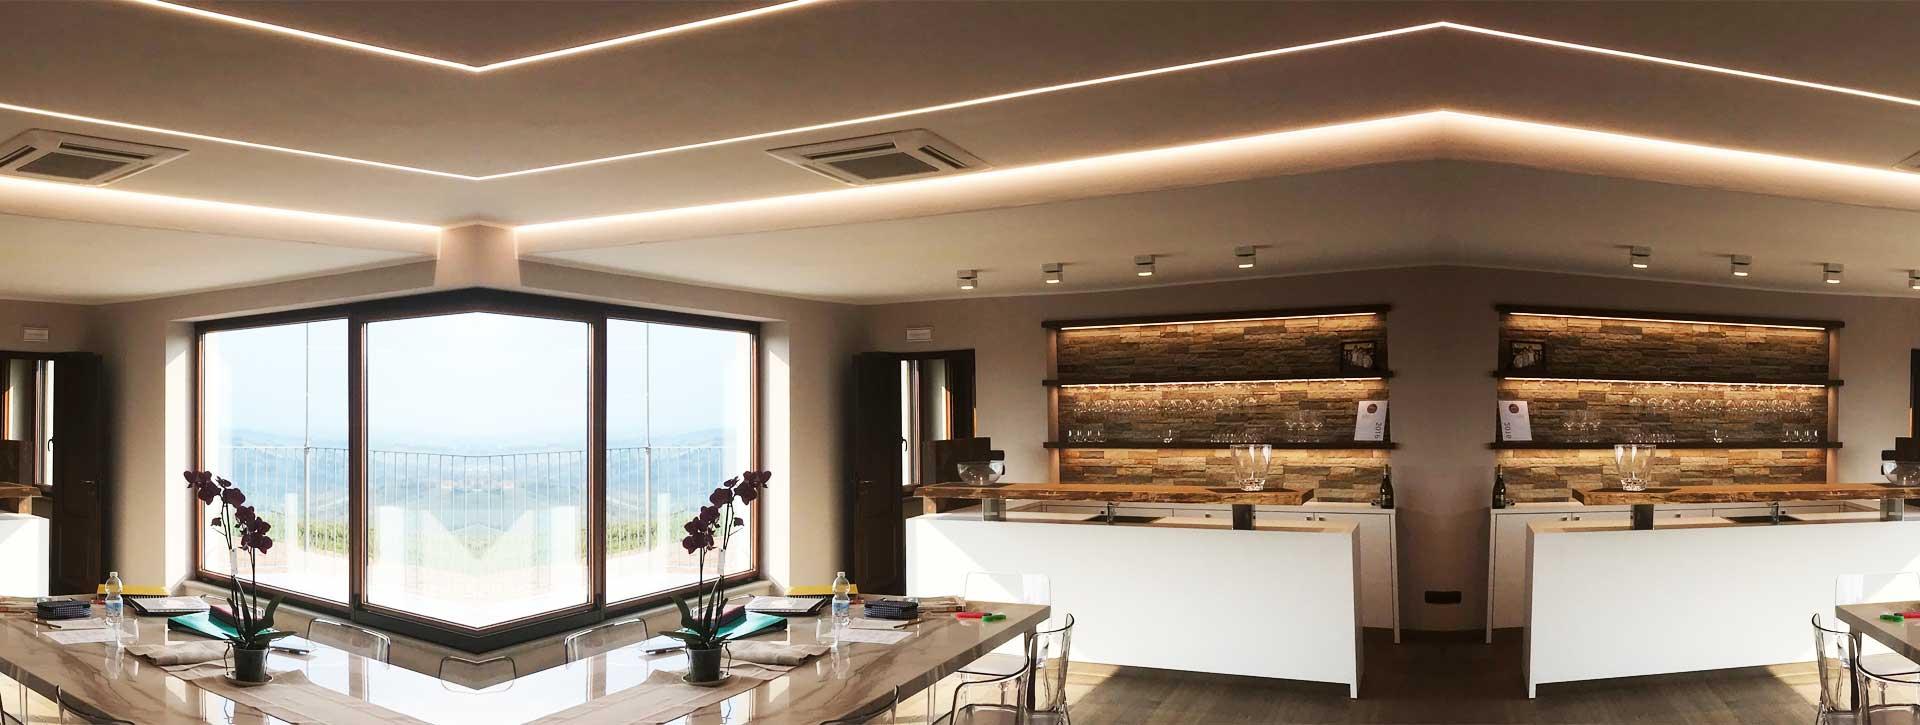 Sistemi Di Illuminazione A Led illuminazione a led di interni ed esterni » piemonte » cuneo